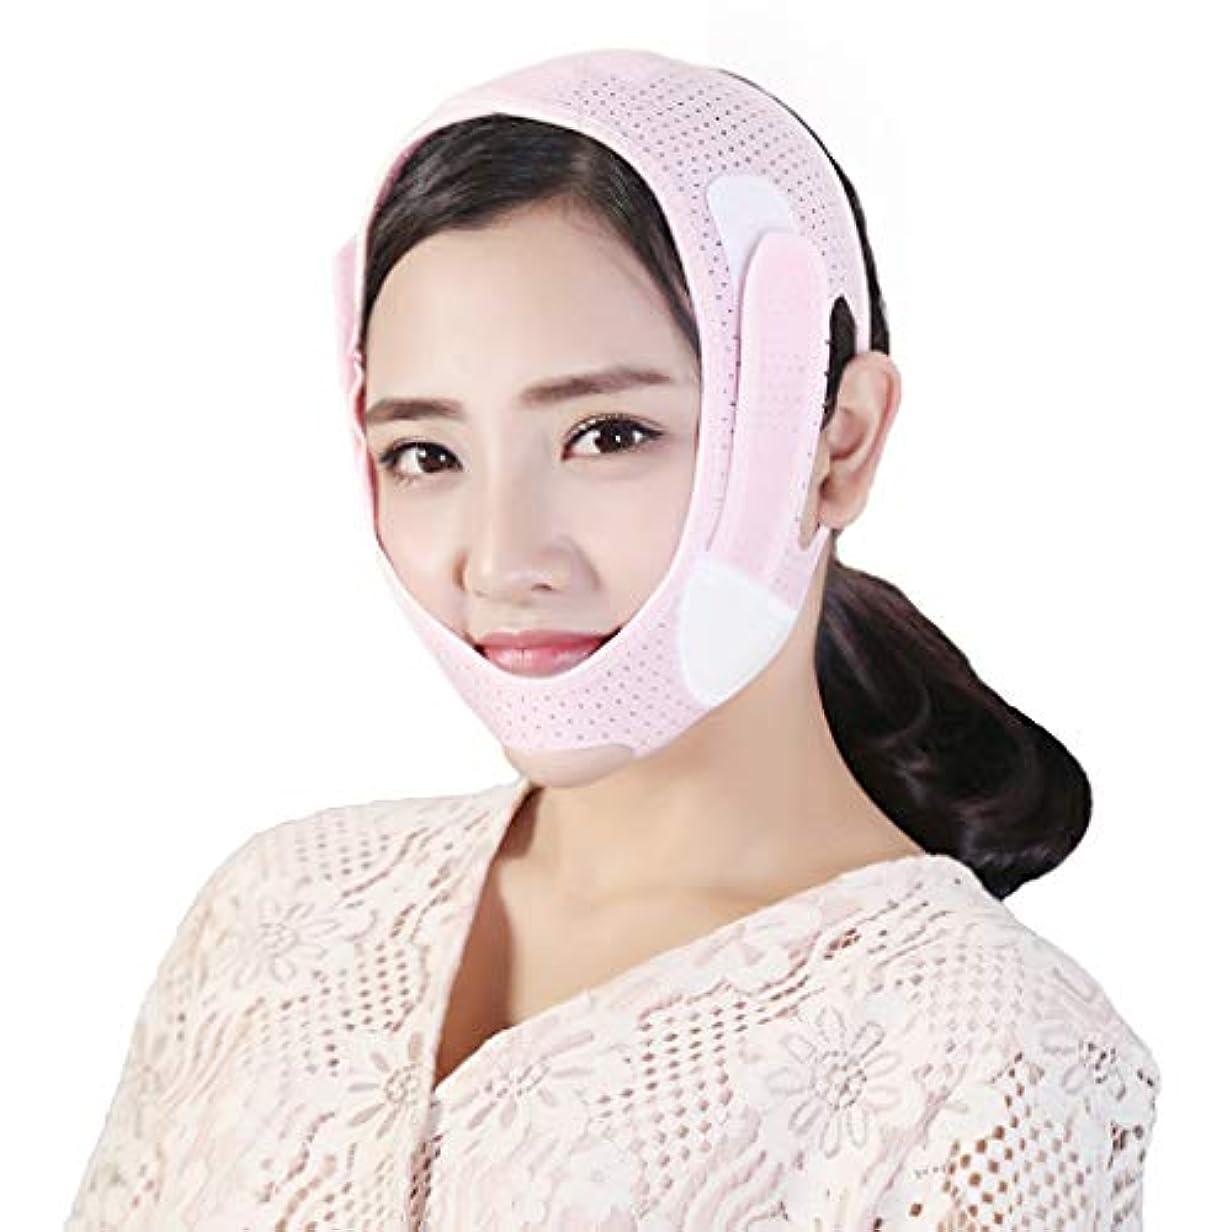 申込み教科書結果として減量マスク薄い顔のマスクV顔の薄い顔の咬筋ダブル顎の包帯睡眠マスクの通気性